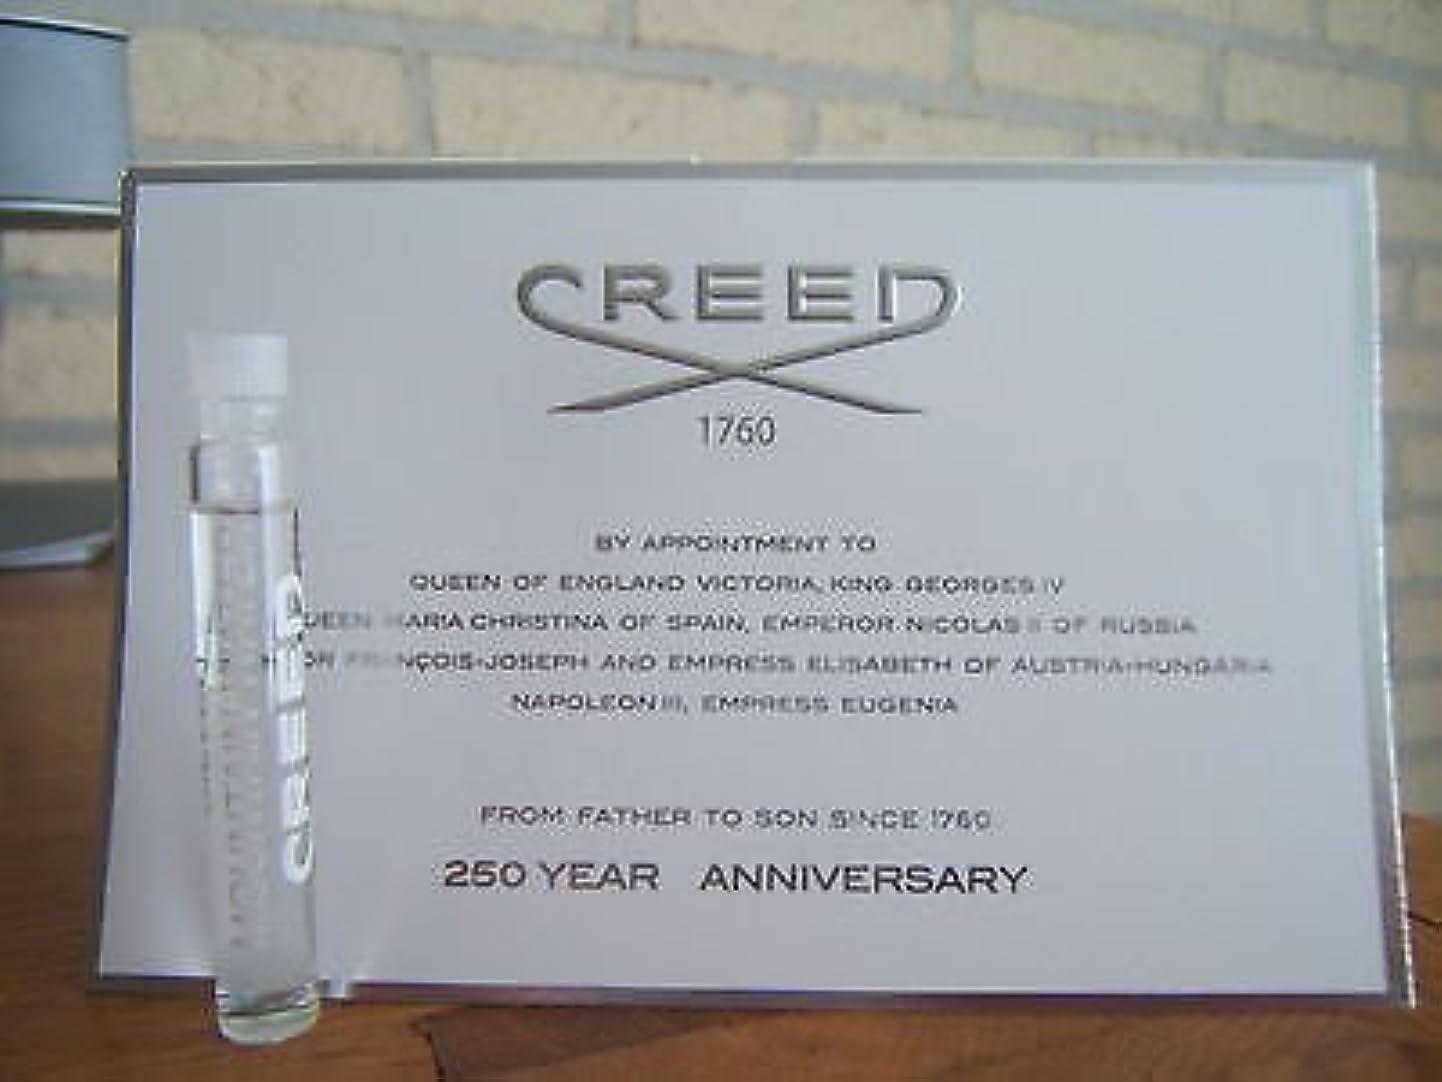 掃く打たれたトラック机王室、著名人愛用の香水ブランド「CREED」 シルバーマウンテン クリード